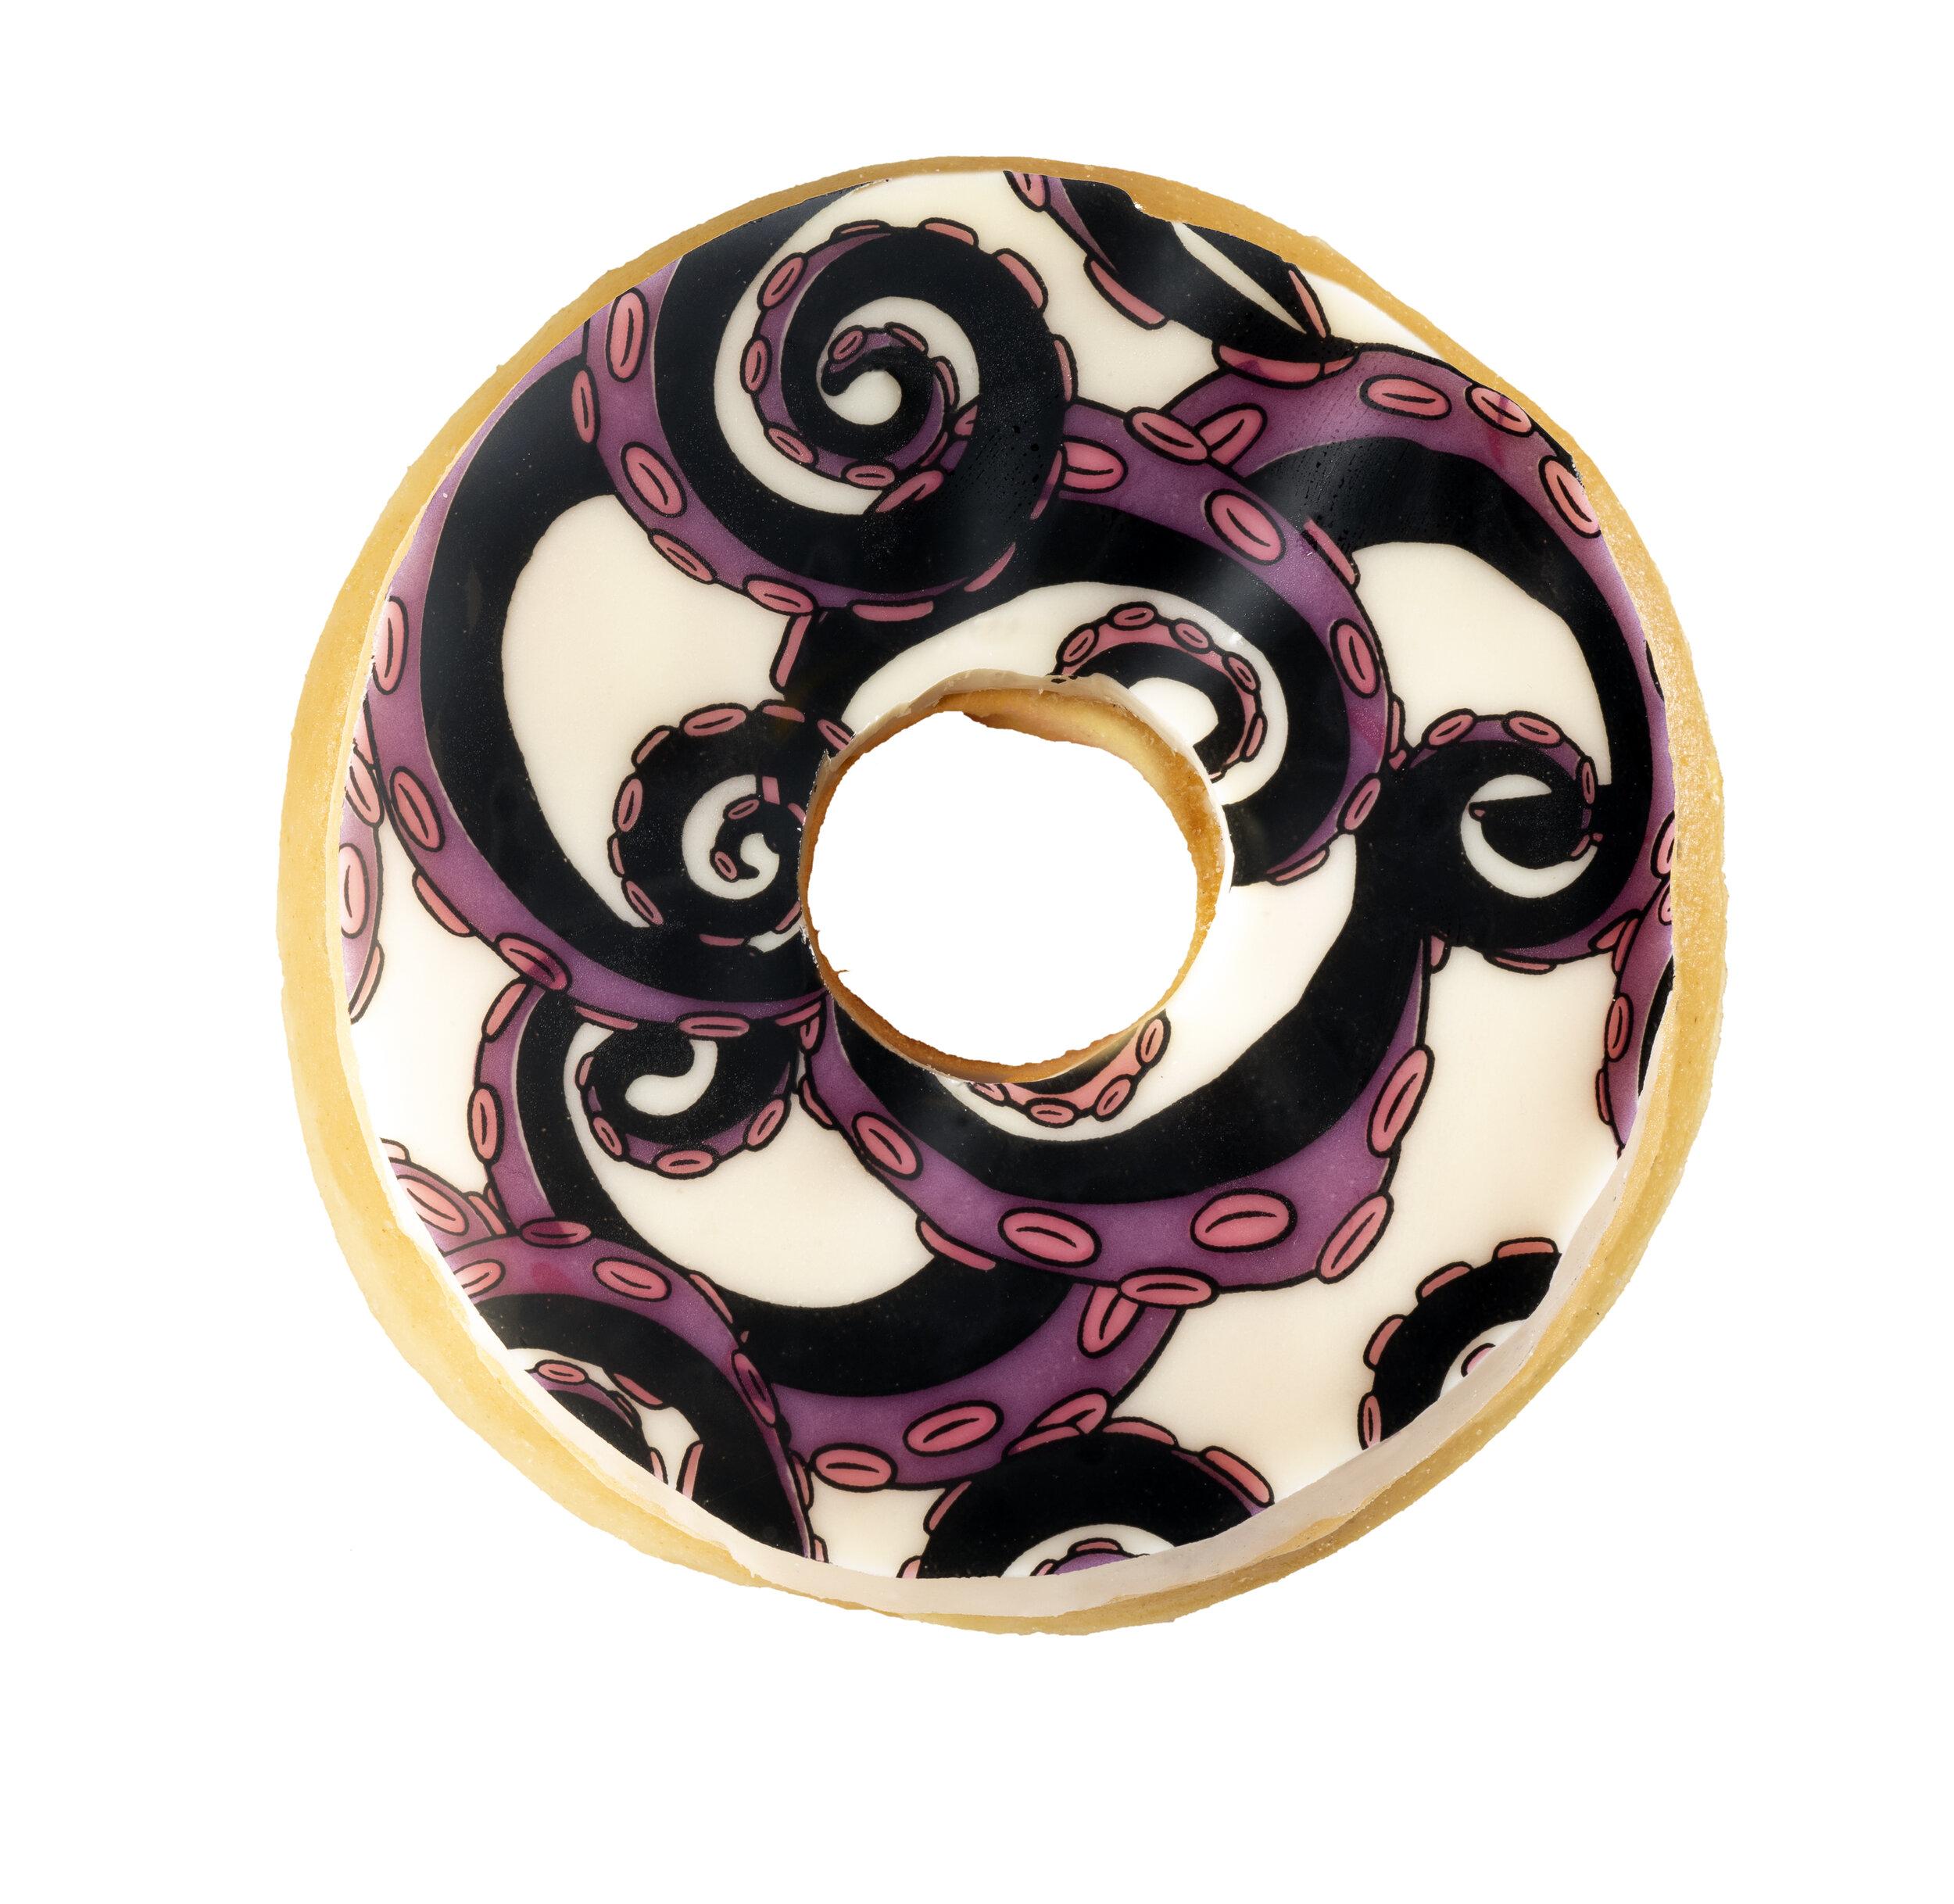 donut Ursula dessus.jpg